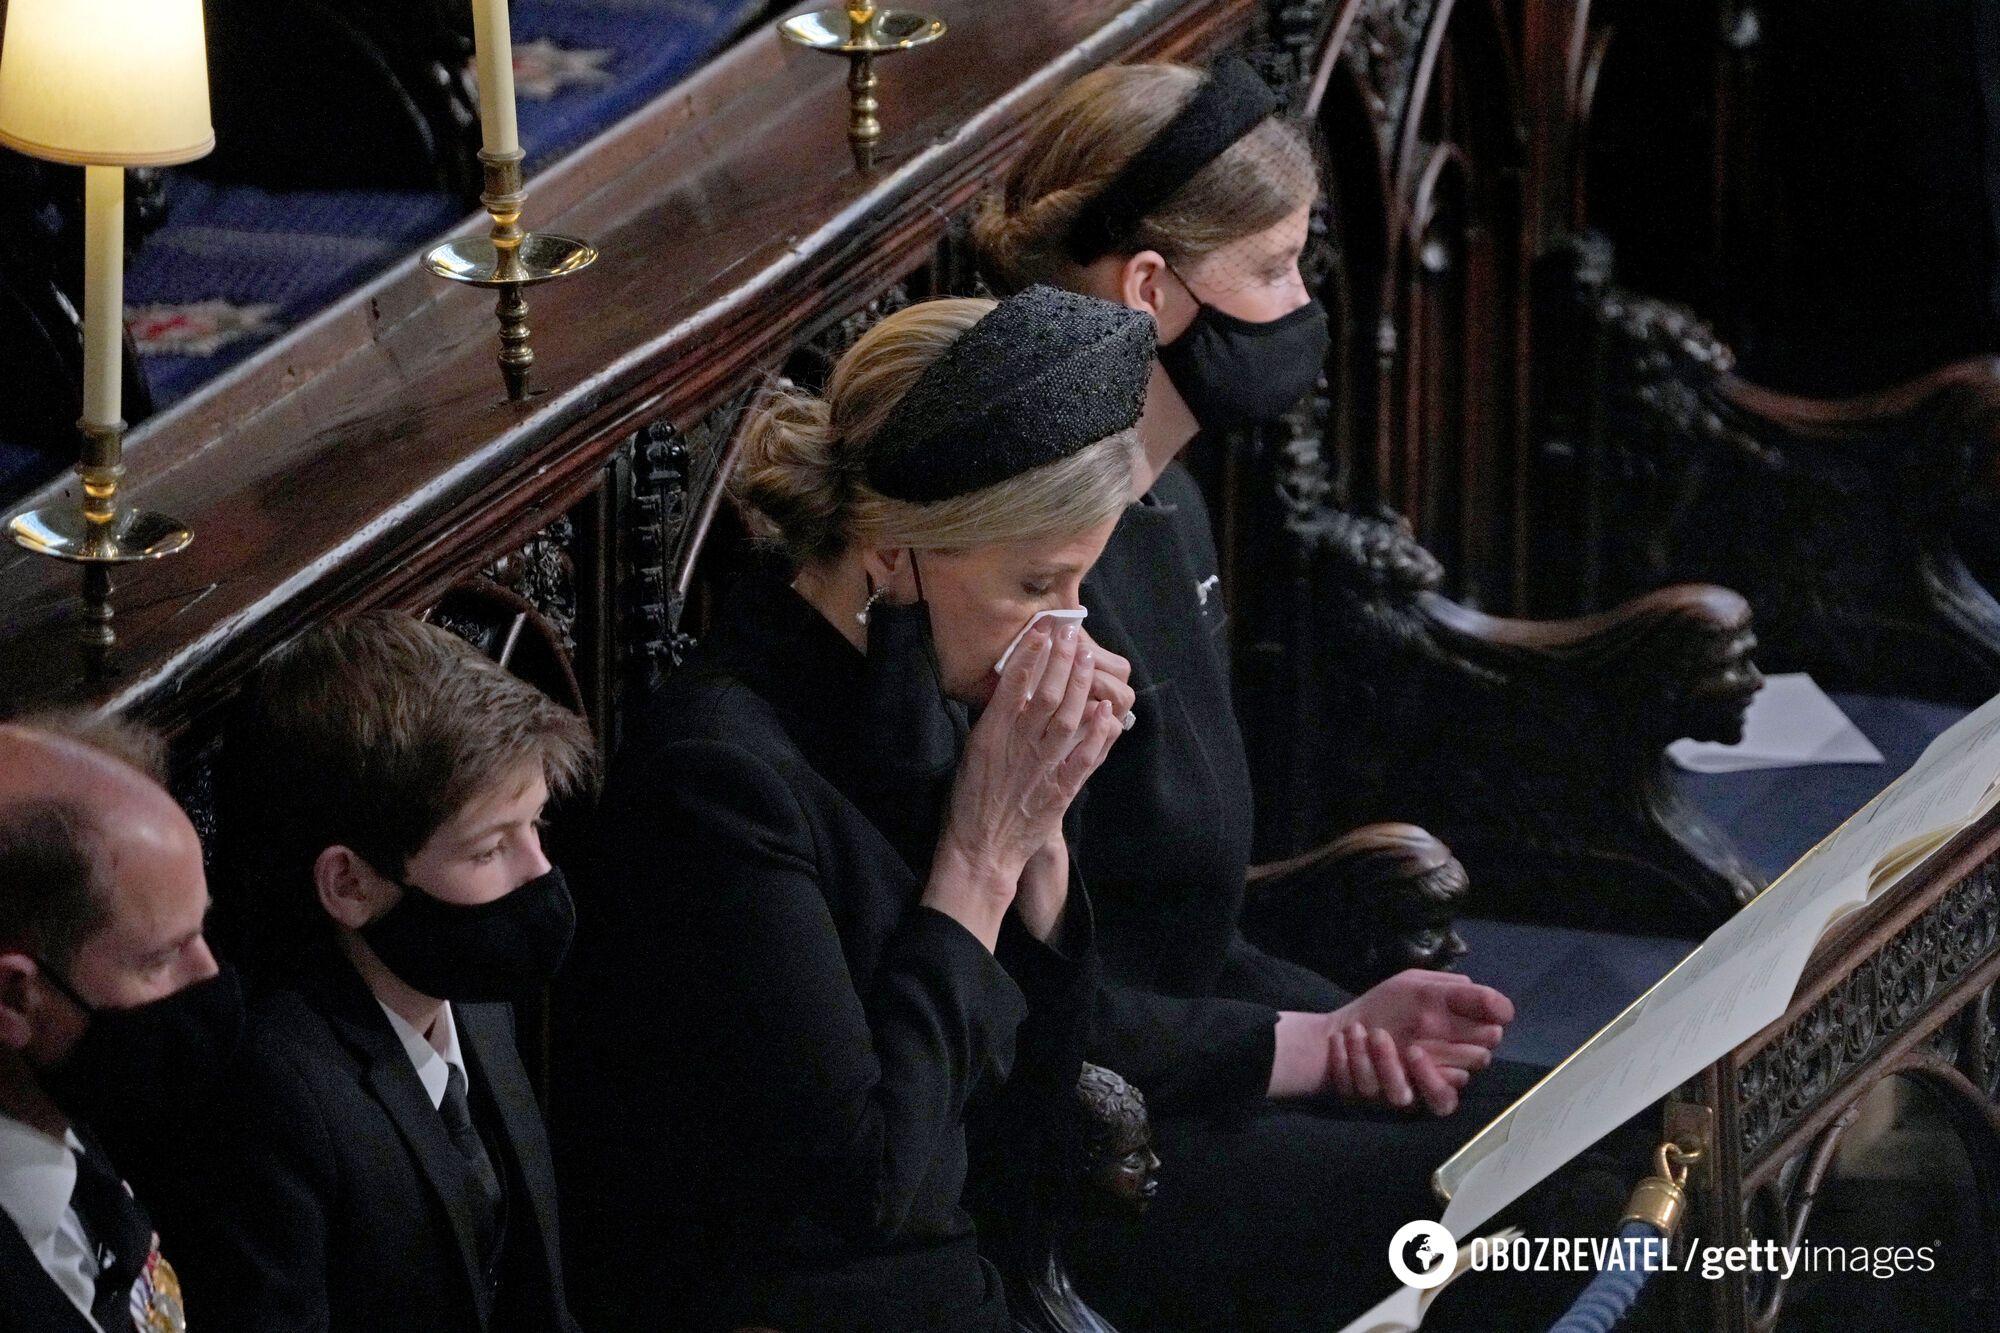 Кто присутствовал на церемонии прощания с принцем Филиппом